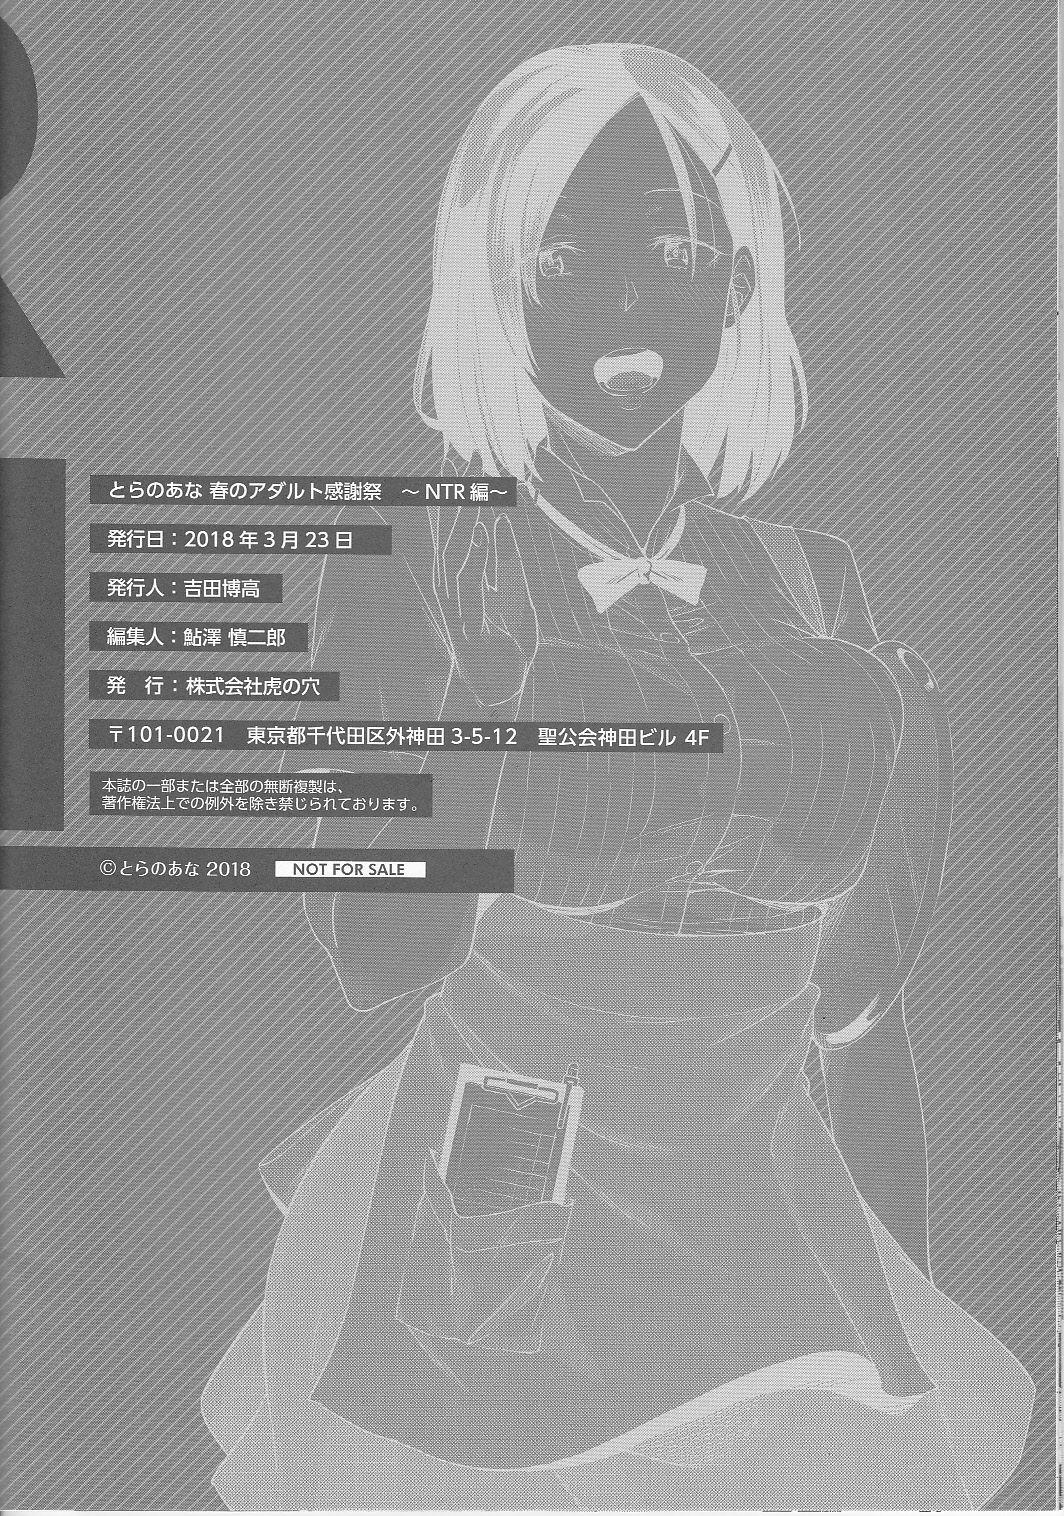 [Orikuchi Hirata] Toranoana Haru no Adult Kanshasai ~NTR Hen~ Kanojo no Shuumatsu Netorare Jijou 25